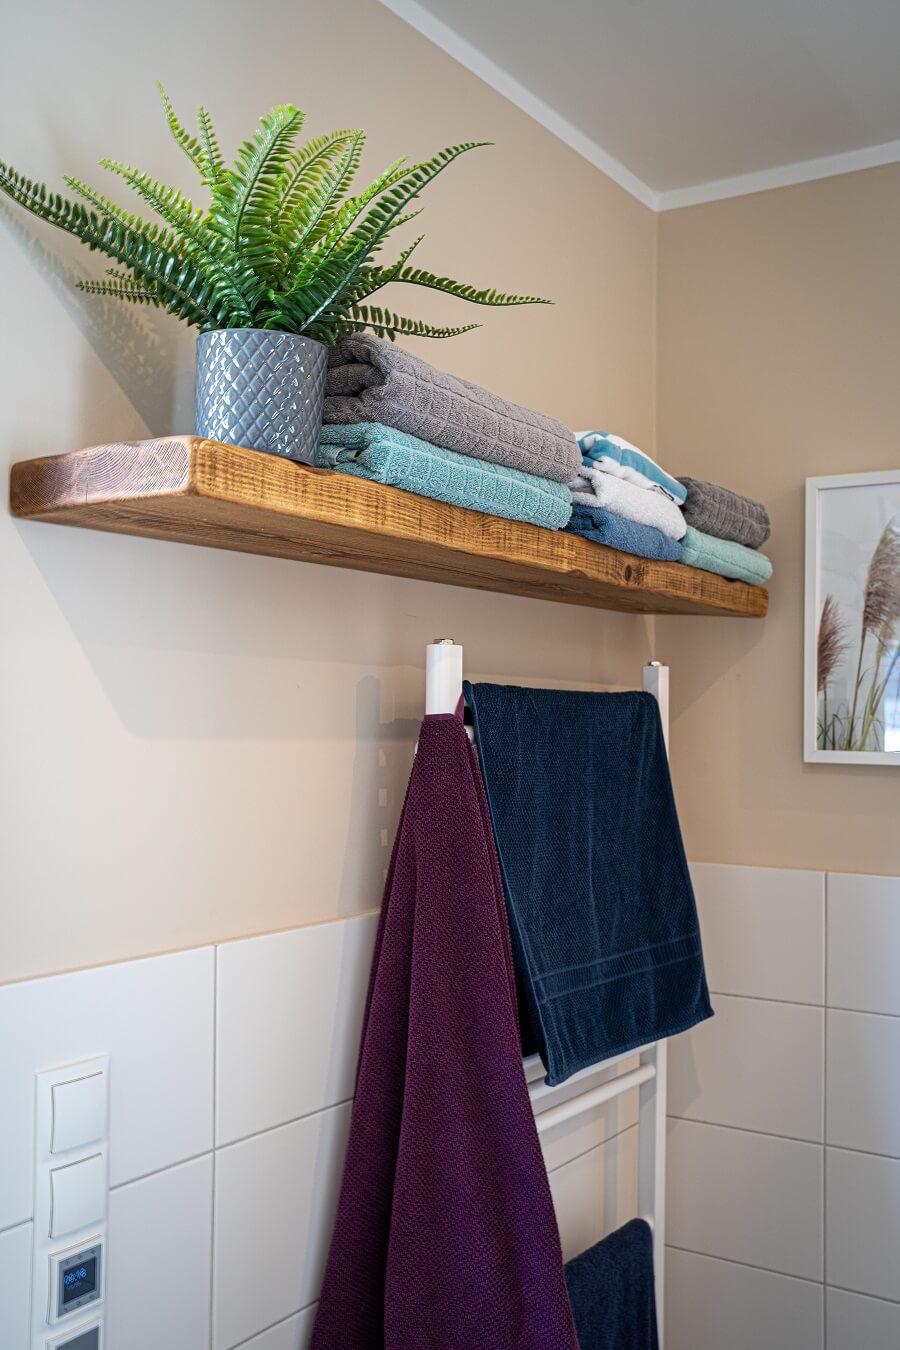 Badezimmerplanung Neubau - Wir haben uns für relativ wenig Fliesen entschieden und nur dort gefliest, wo es wirklich sein muss